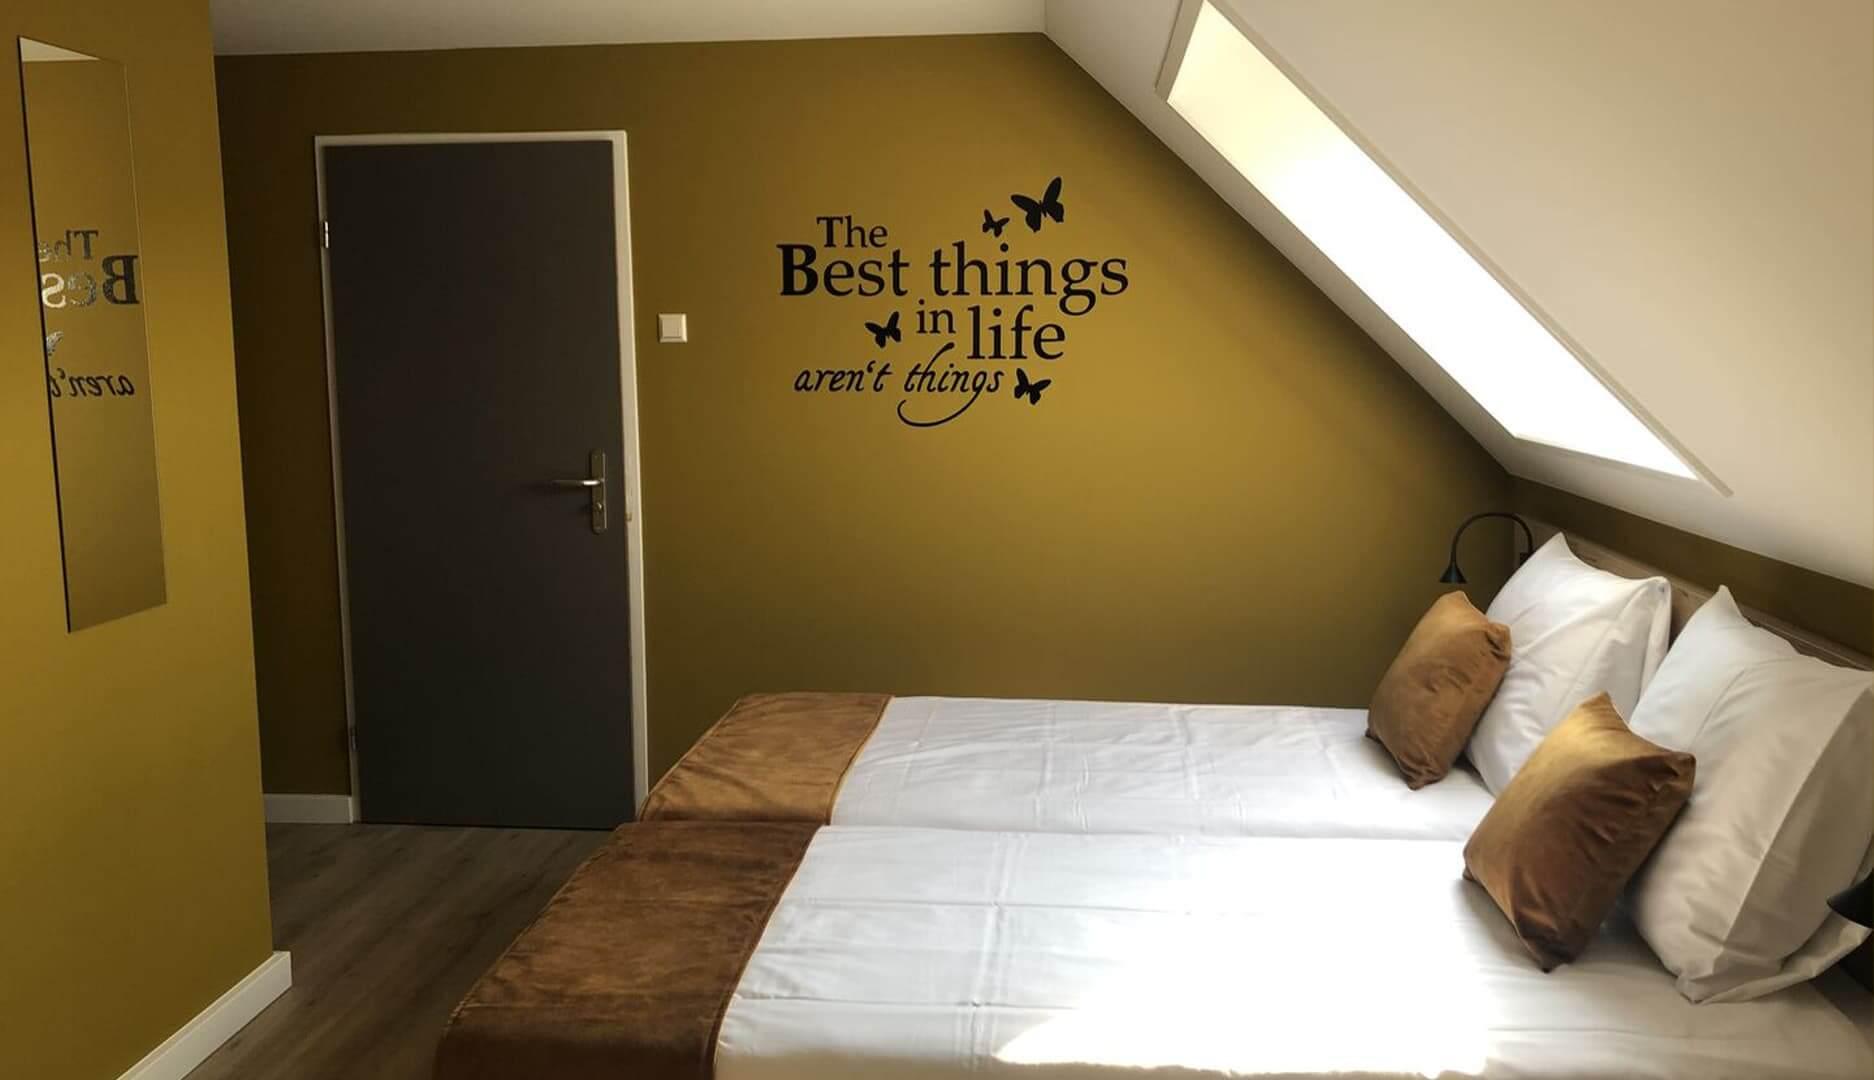 Comfort tweepersoonskamer de luxe 2